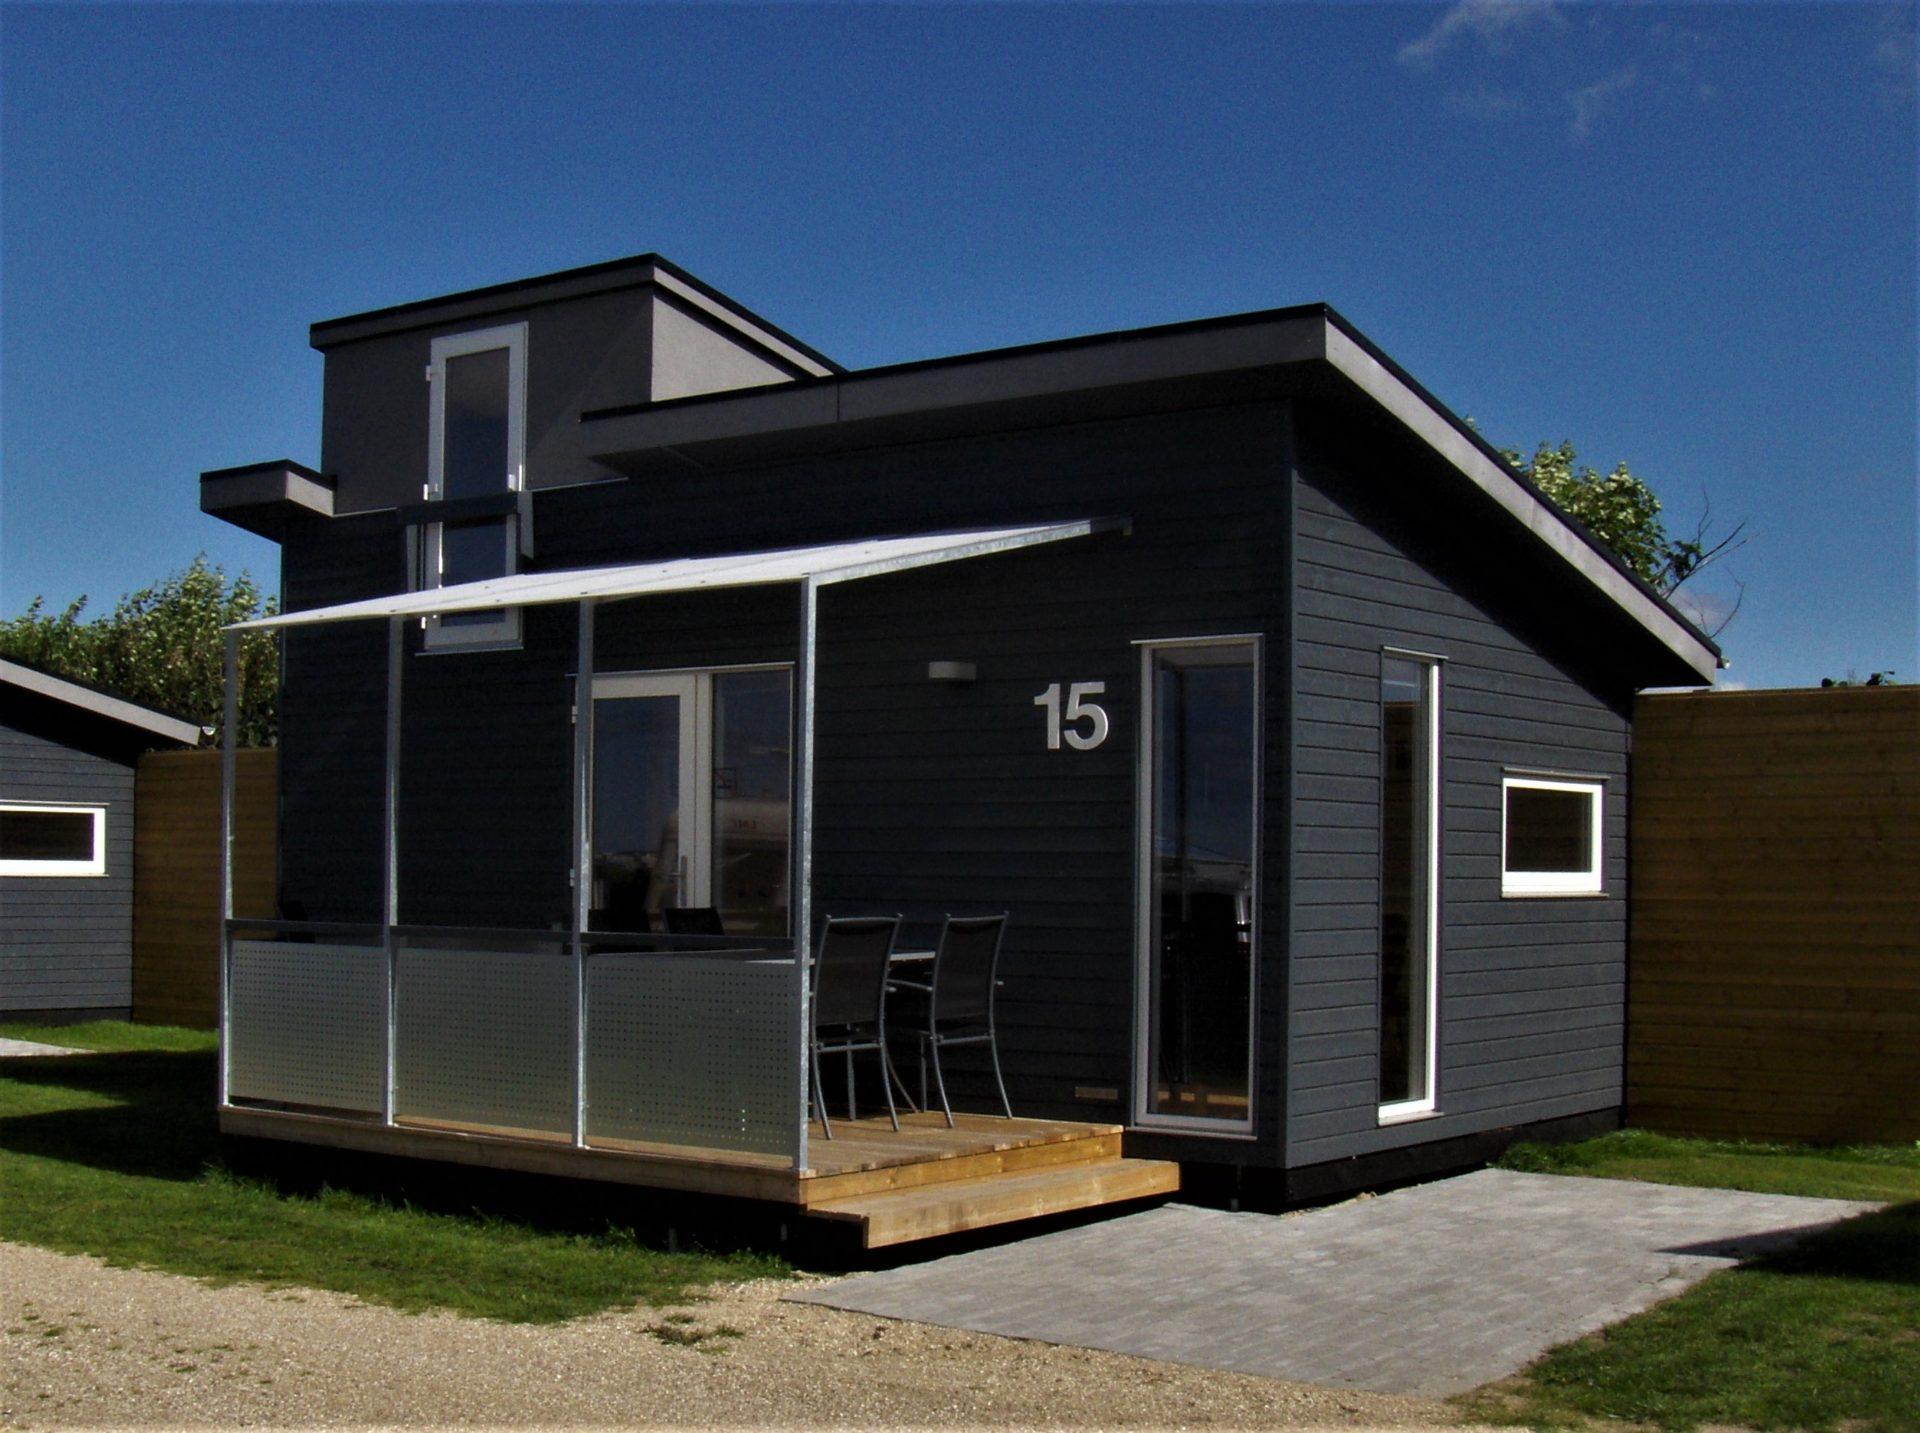 Nibe Camping tilbyder overnatning ved Limfjorden